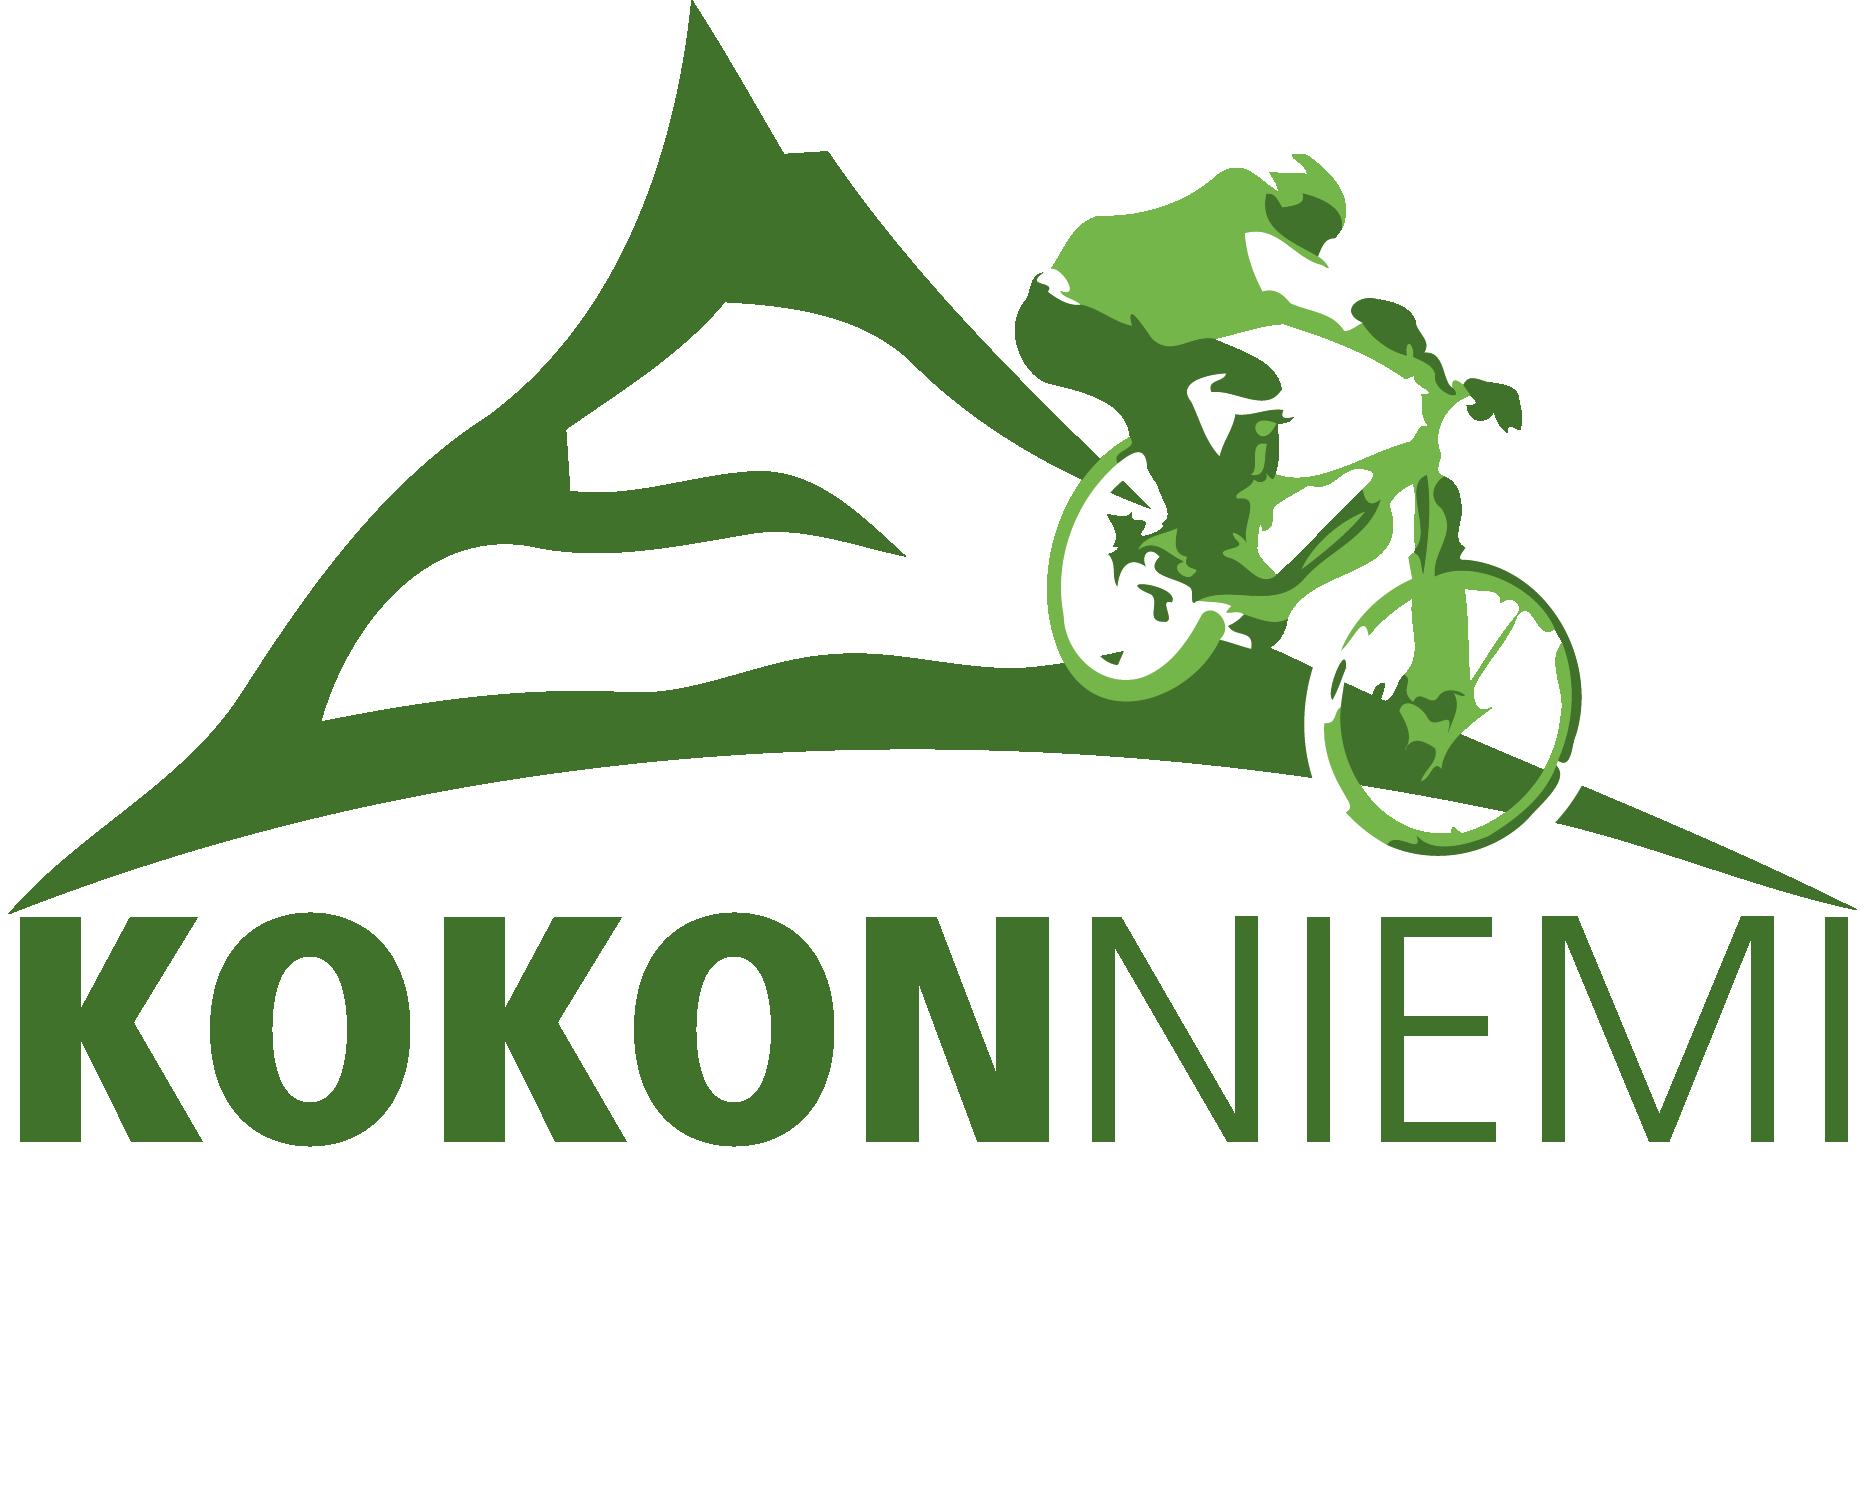 Kokon.ski